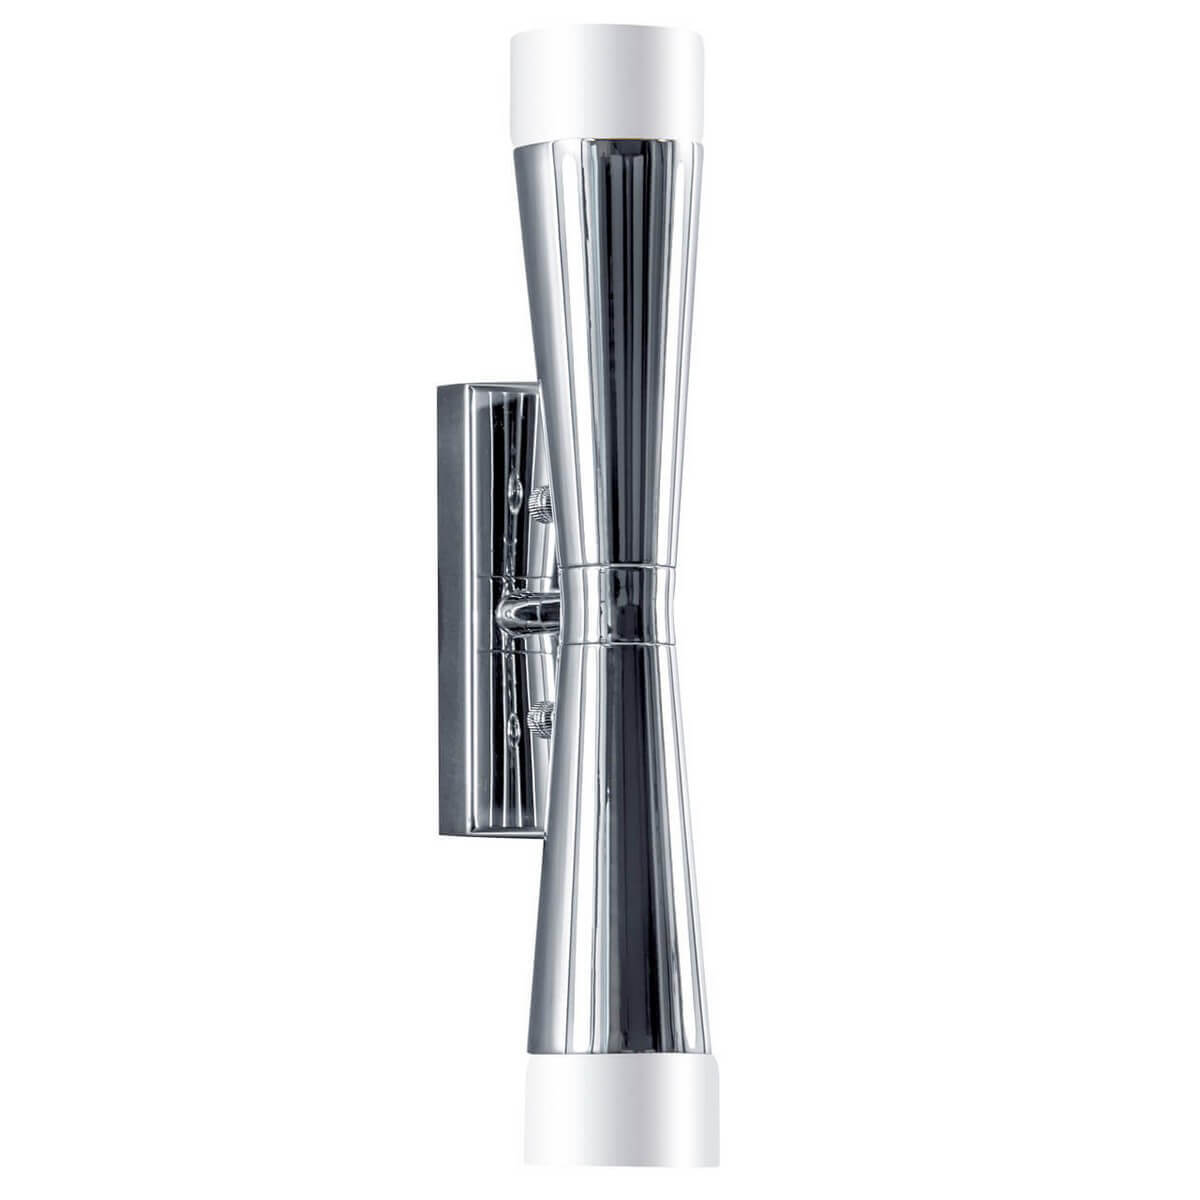 Бра Lightstar Punto 807624 цены онлайн